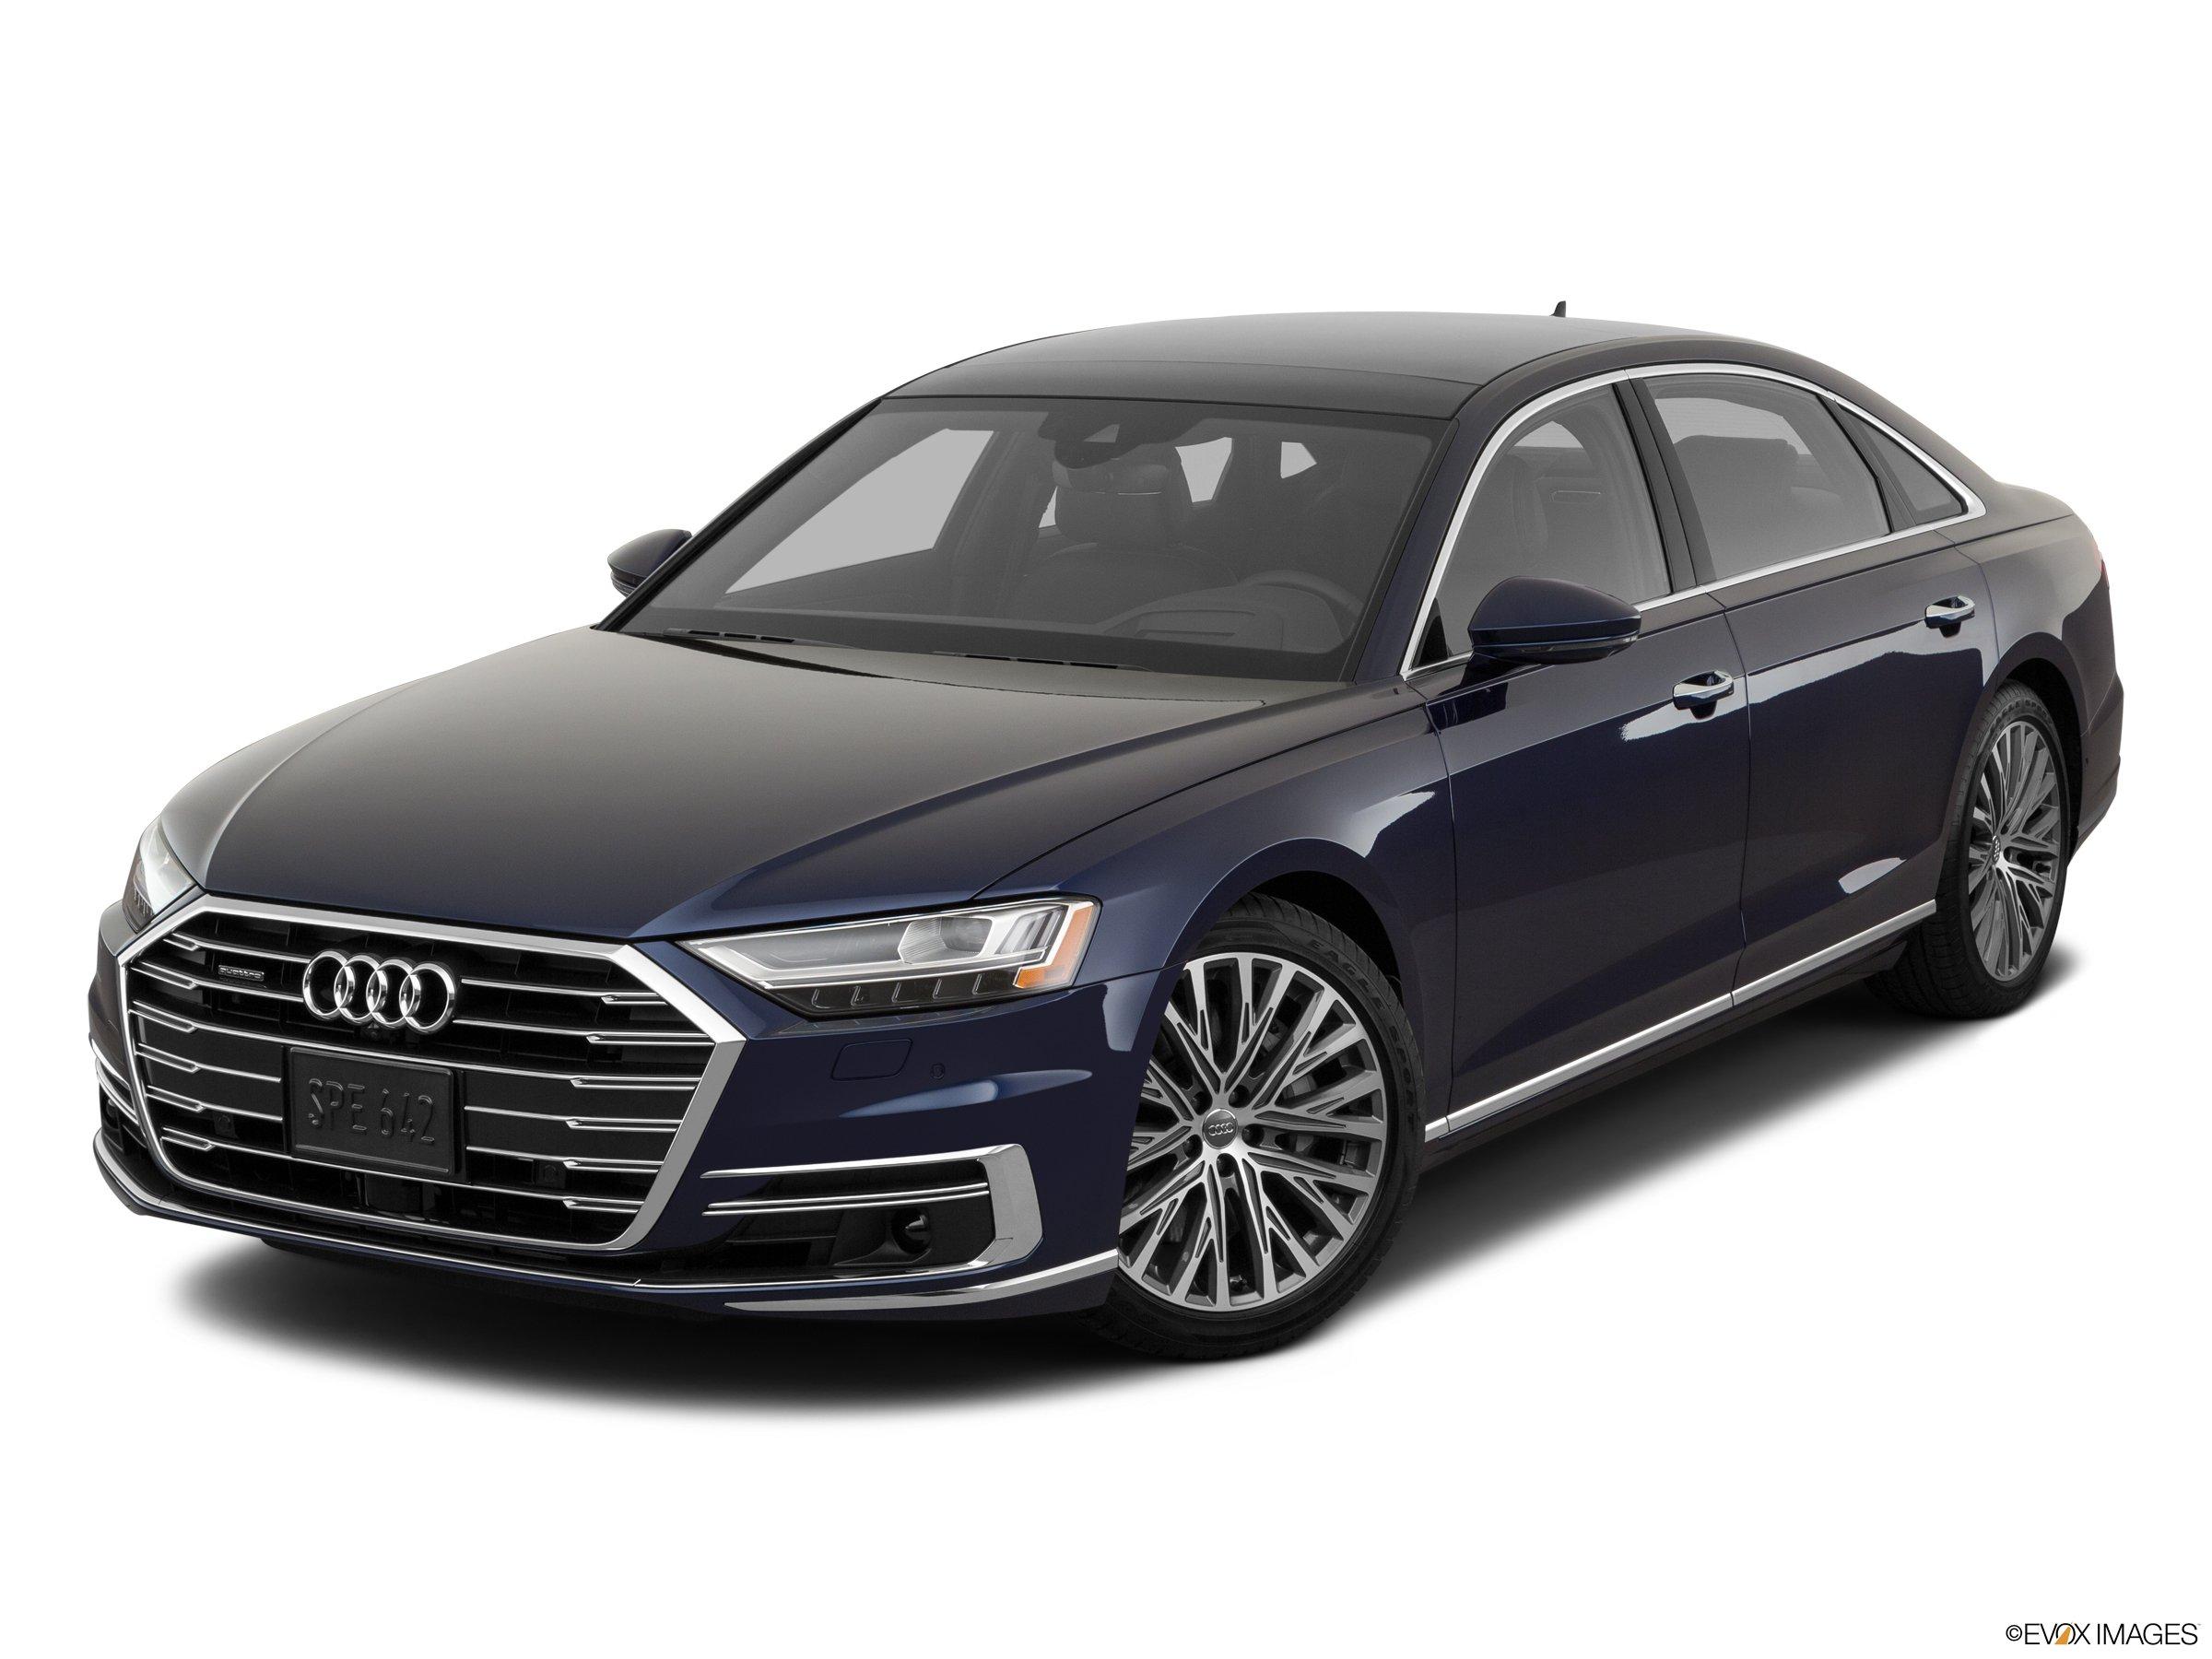 2020 Audi A8 L 3.0 55 TFSI AWD sedan